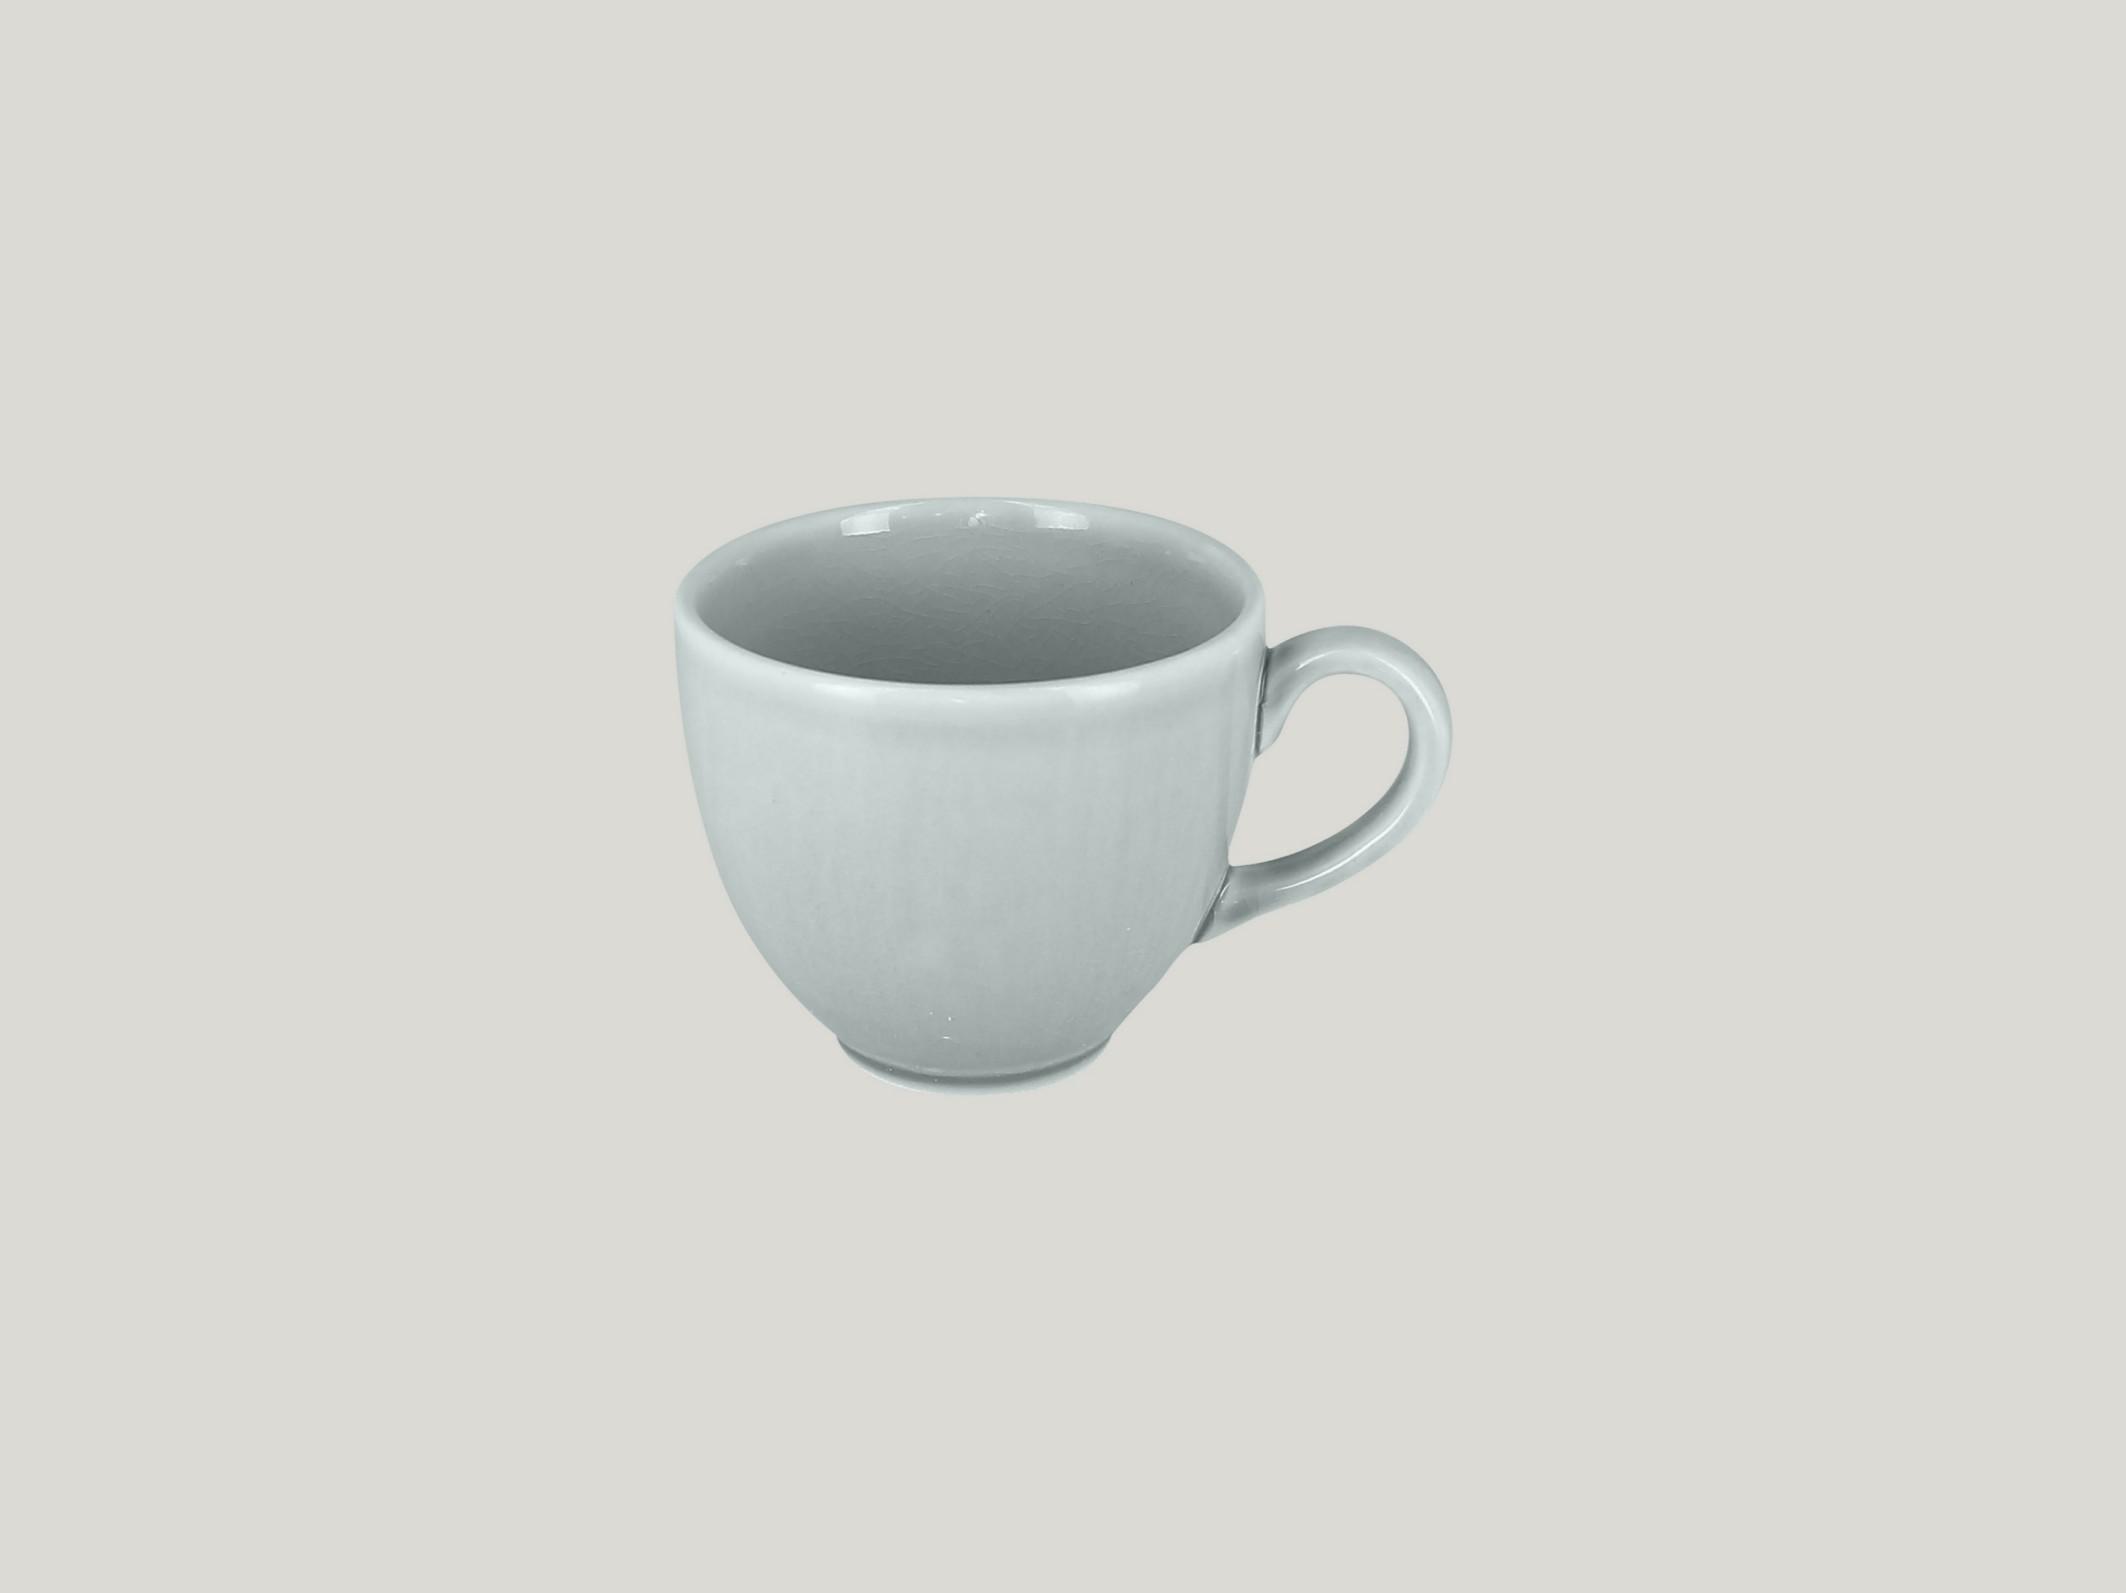 Vintage šálek na kávu 23 cl - modrá